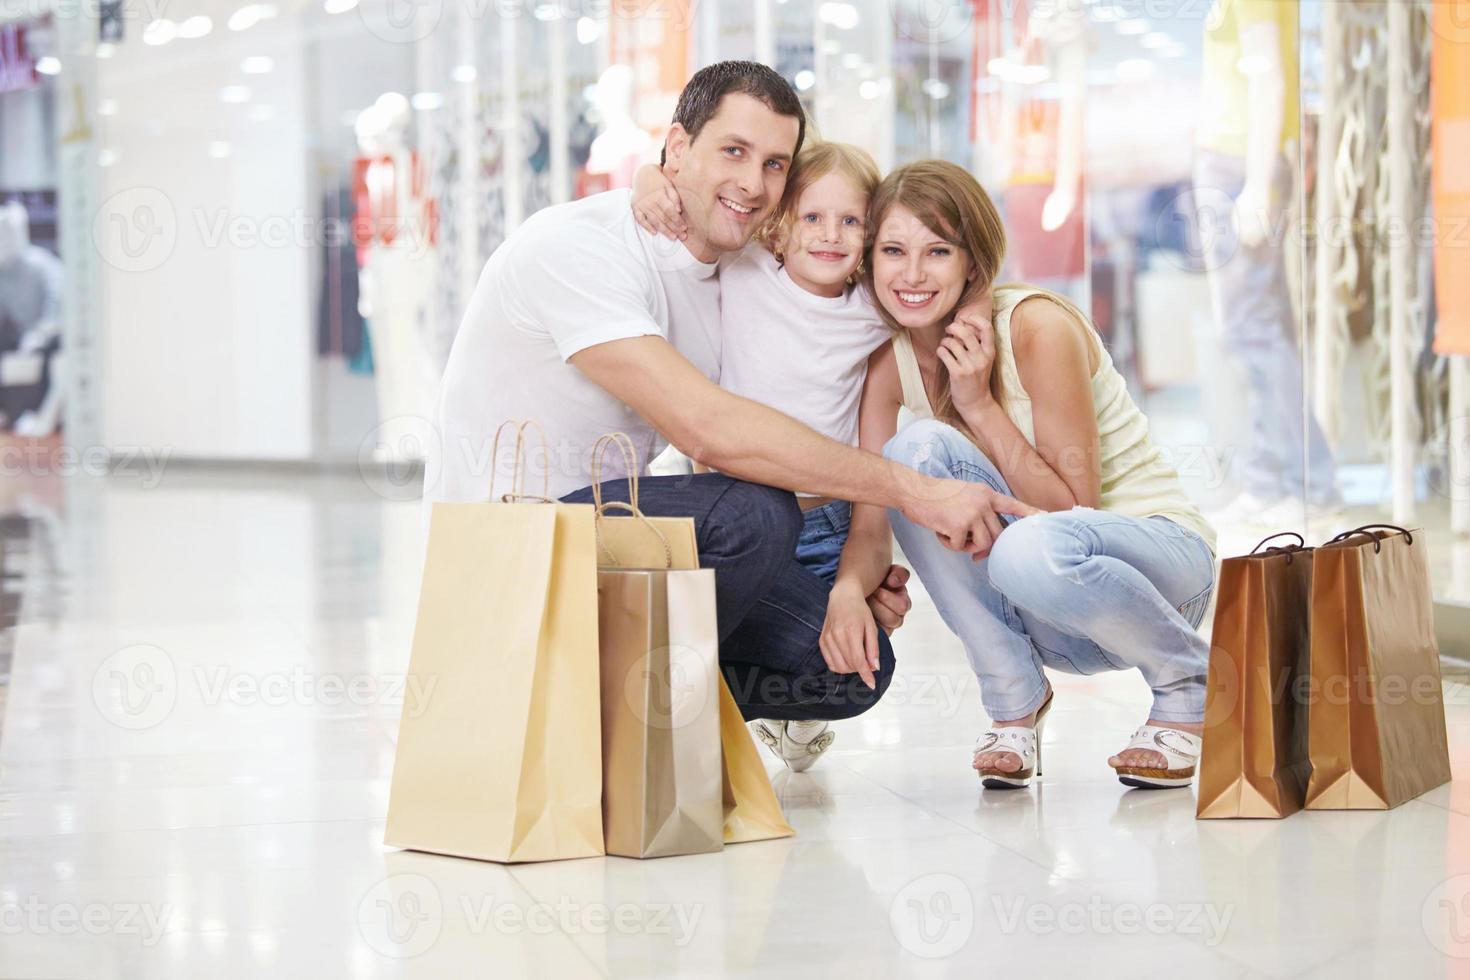 compras em família foto